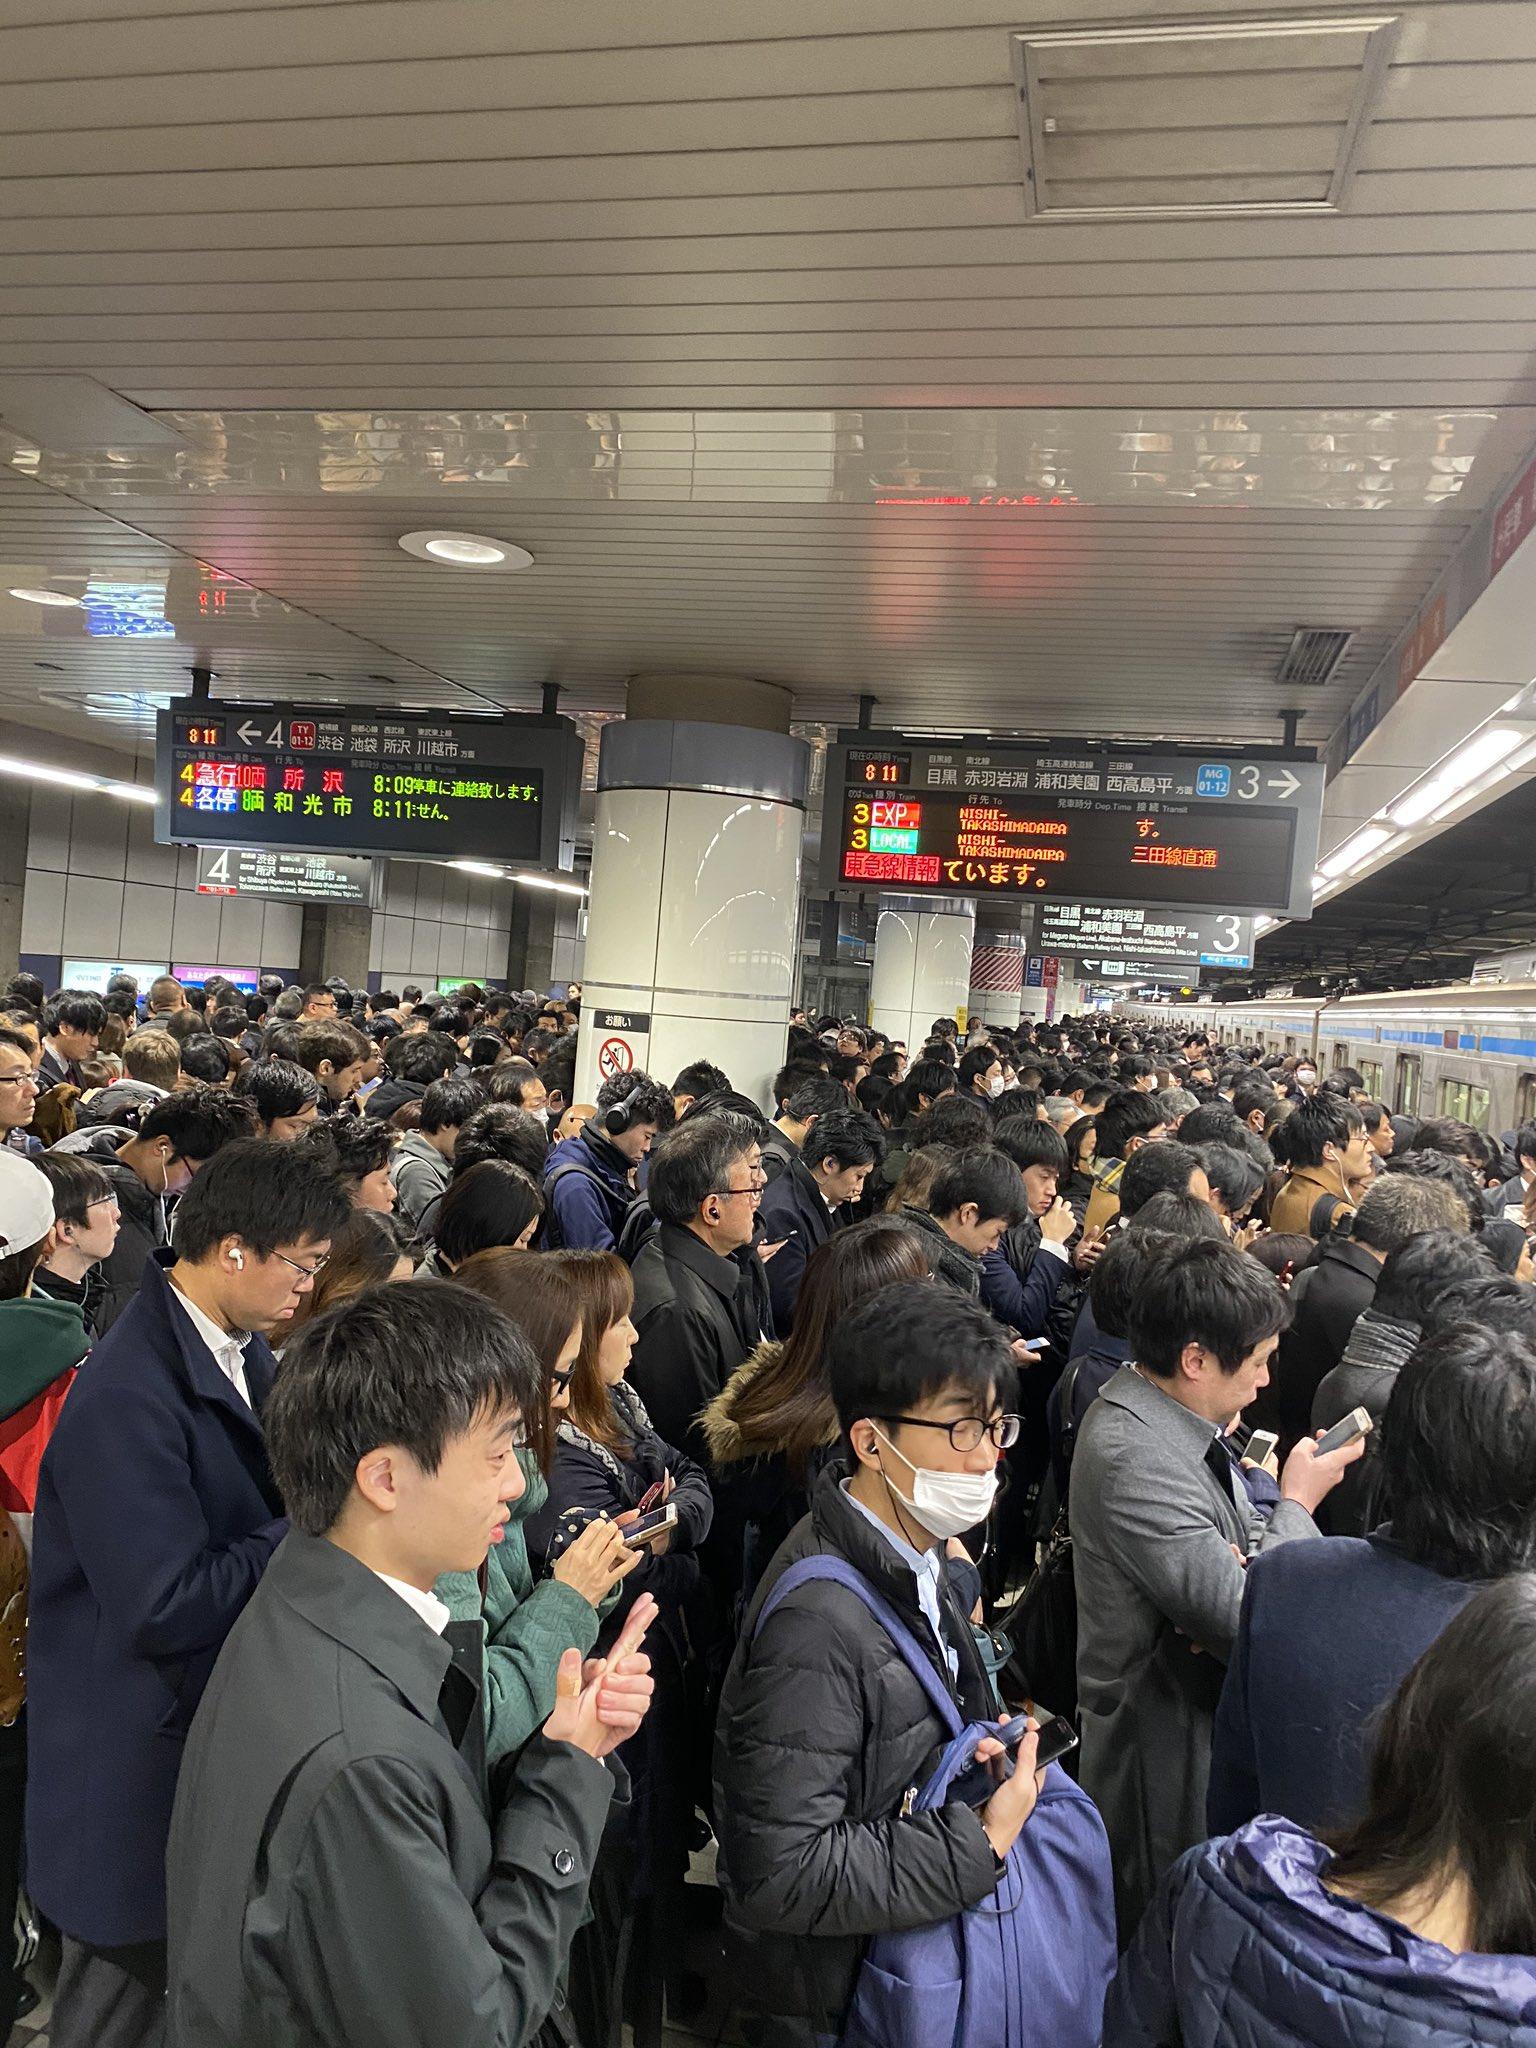 目黒線の日吉駅が大混雑となっている現場の画像